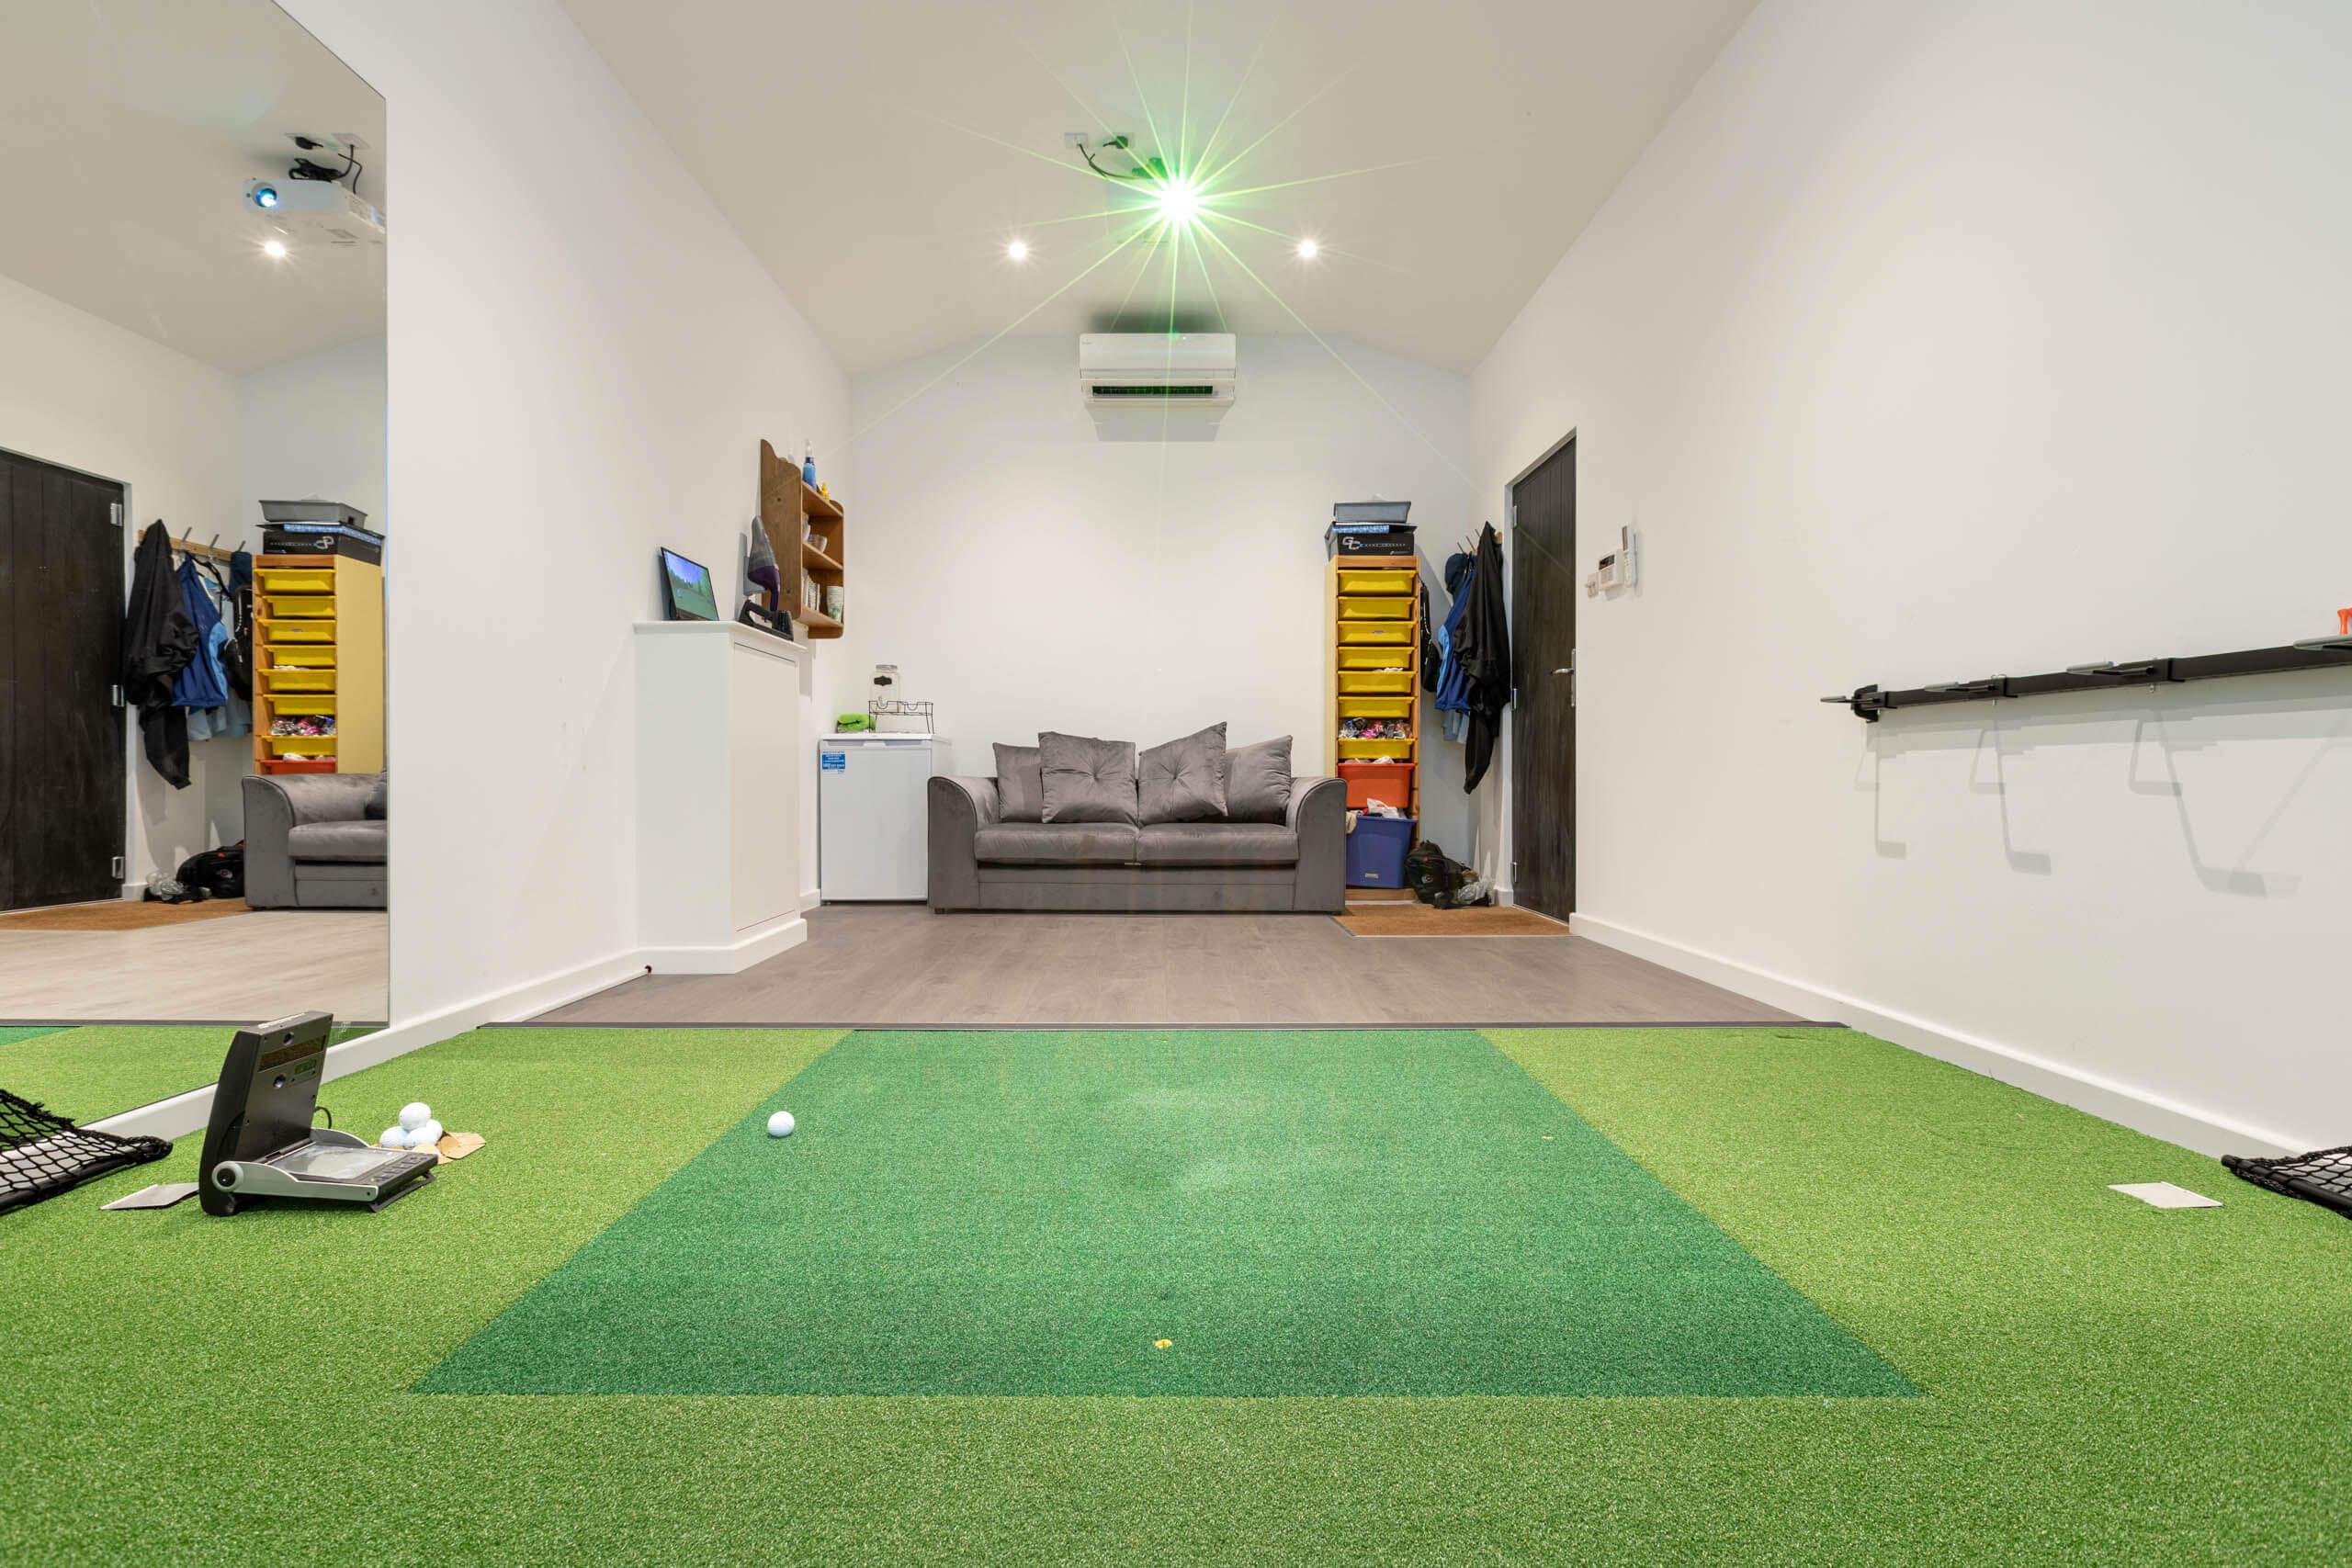 Performance Series Golf Simulator Room